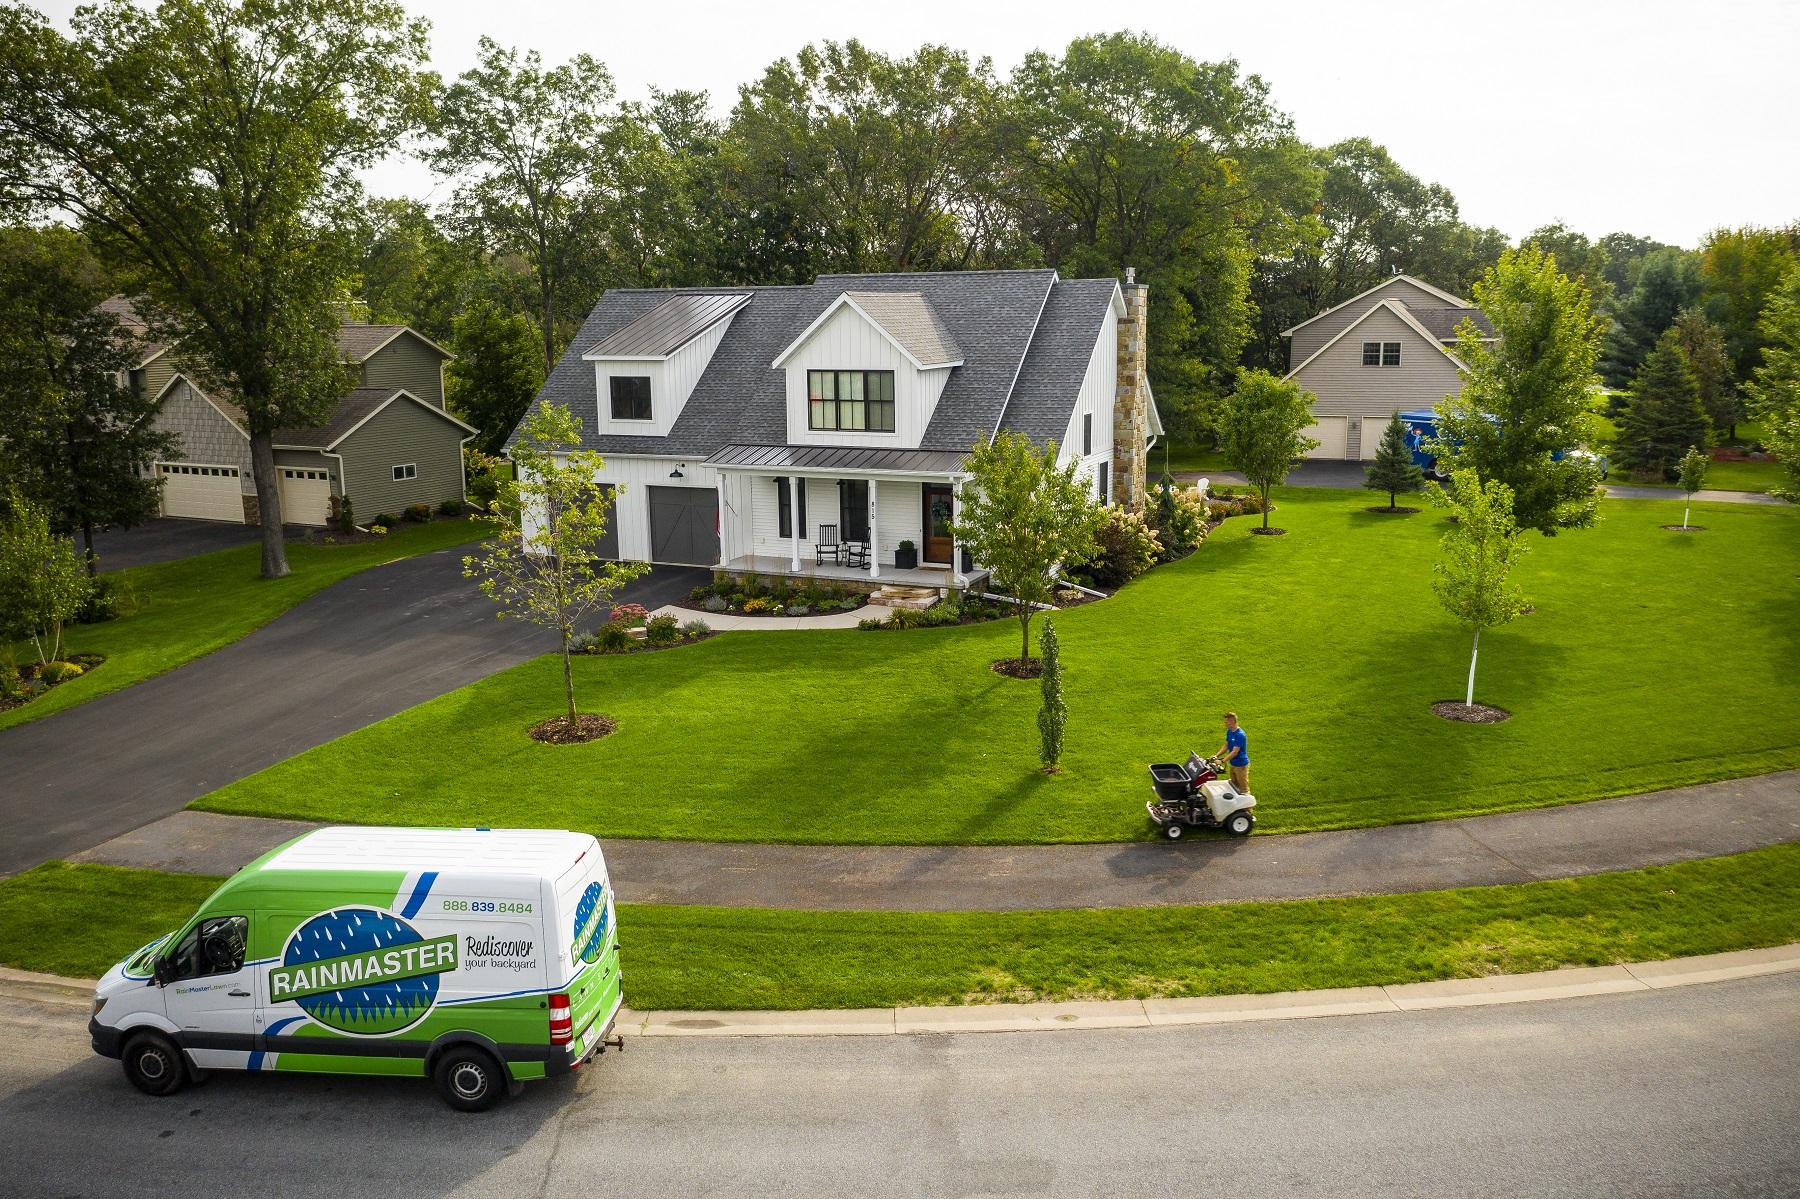 Rainmaster crew fertilizing a customers lawn